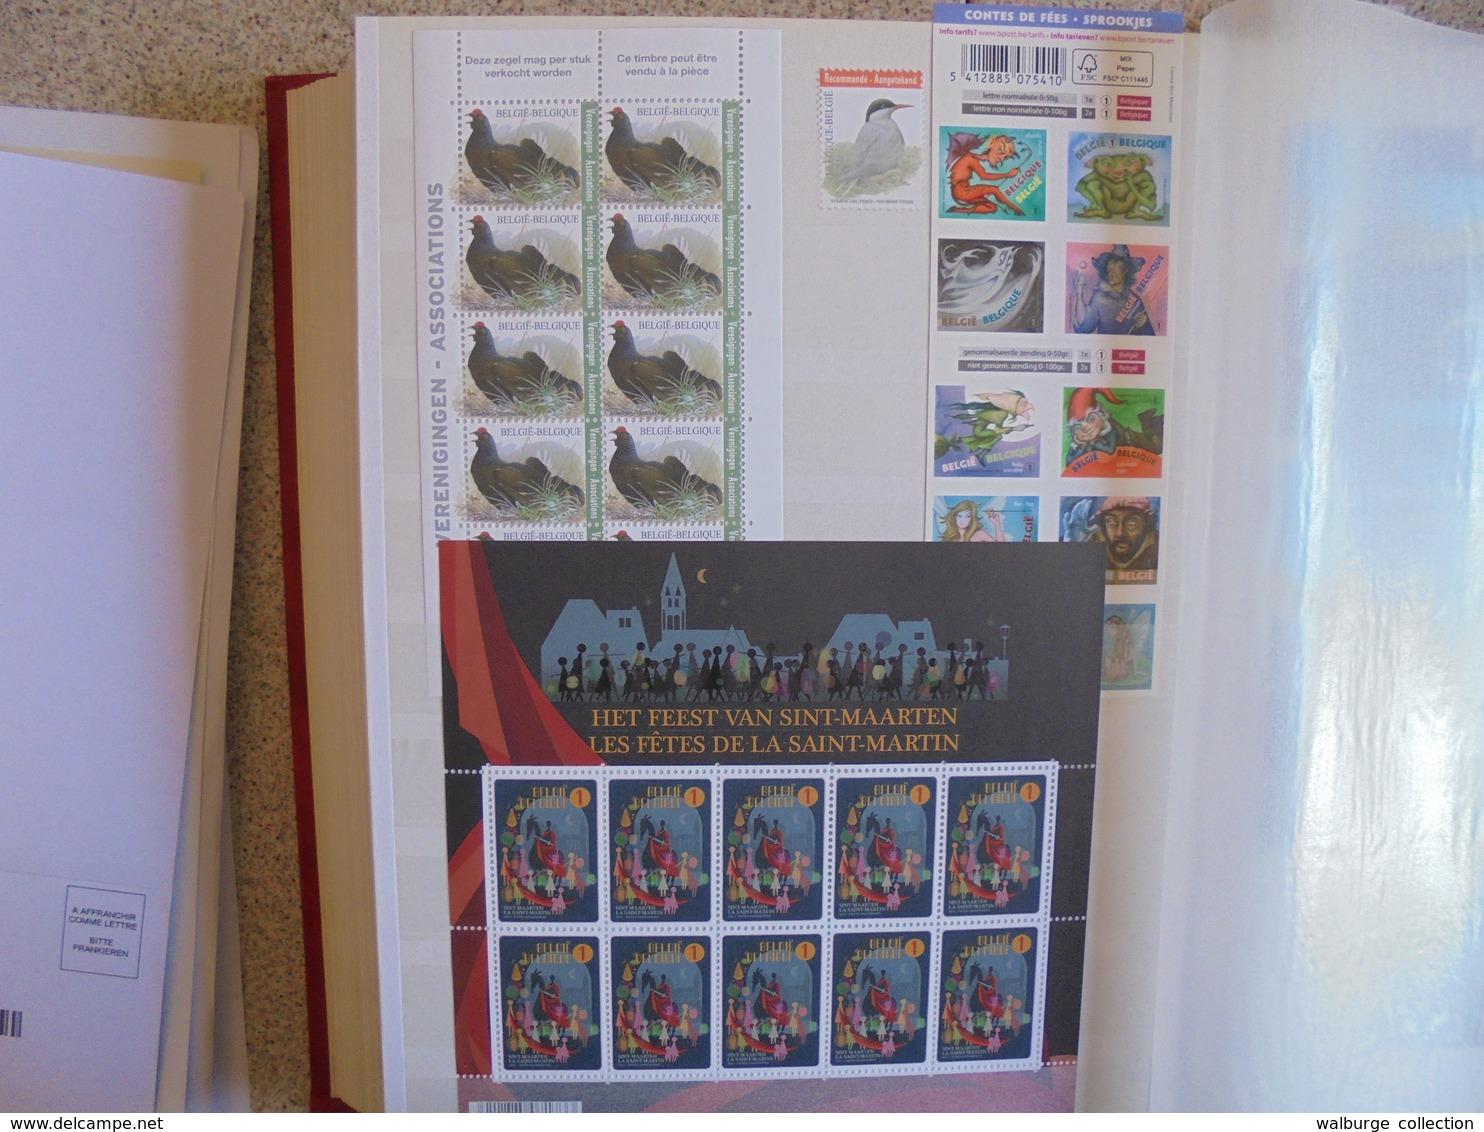 BELGIQUE 2009-2016(TOUT EN NEUF) +- 1350 EURO DE FACIALE !!! (2119) 2 KILOS 300 - Collections